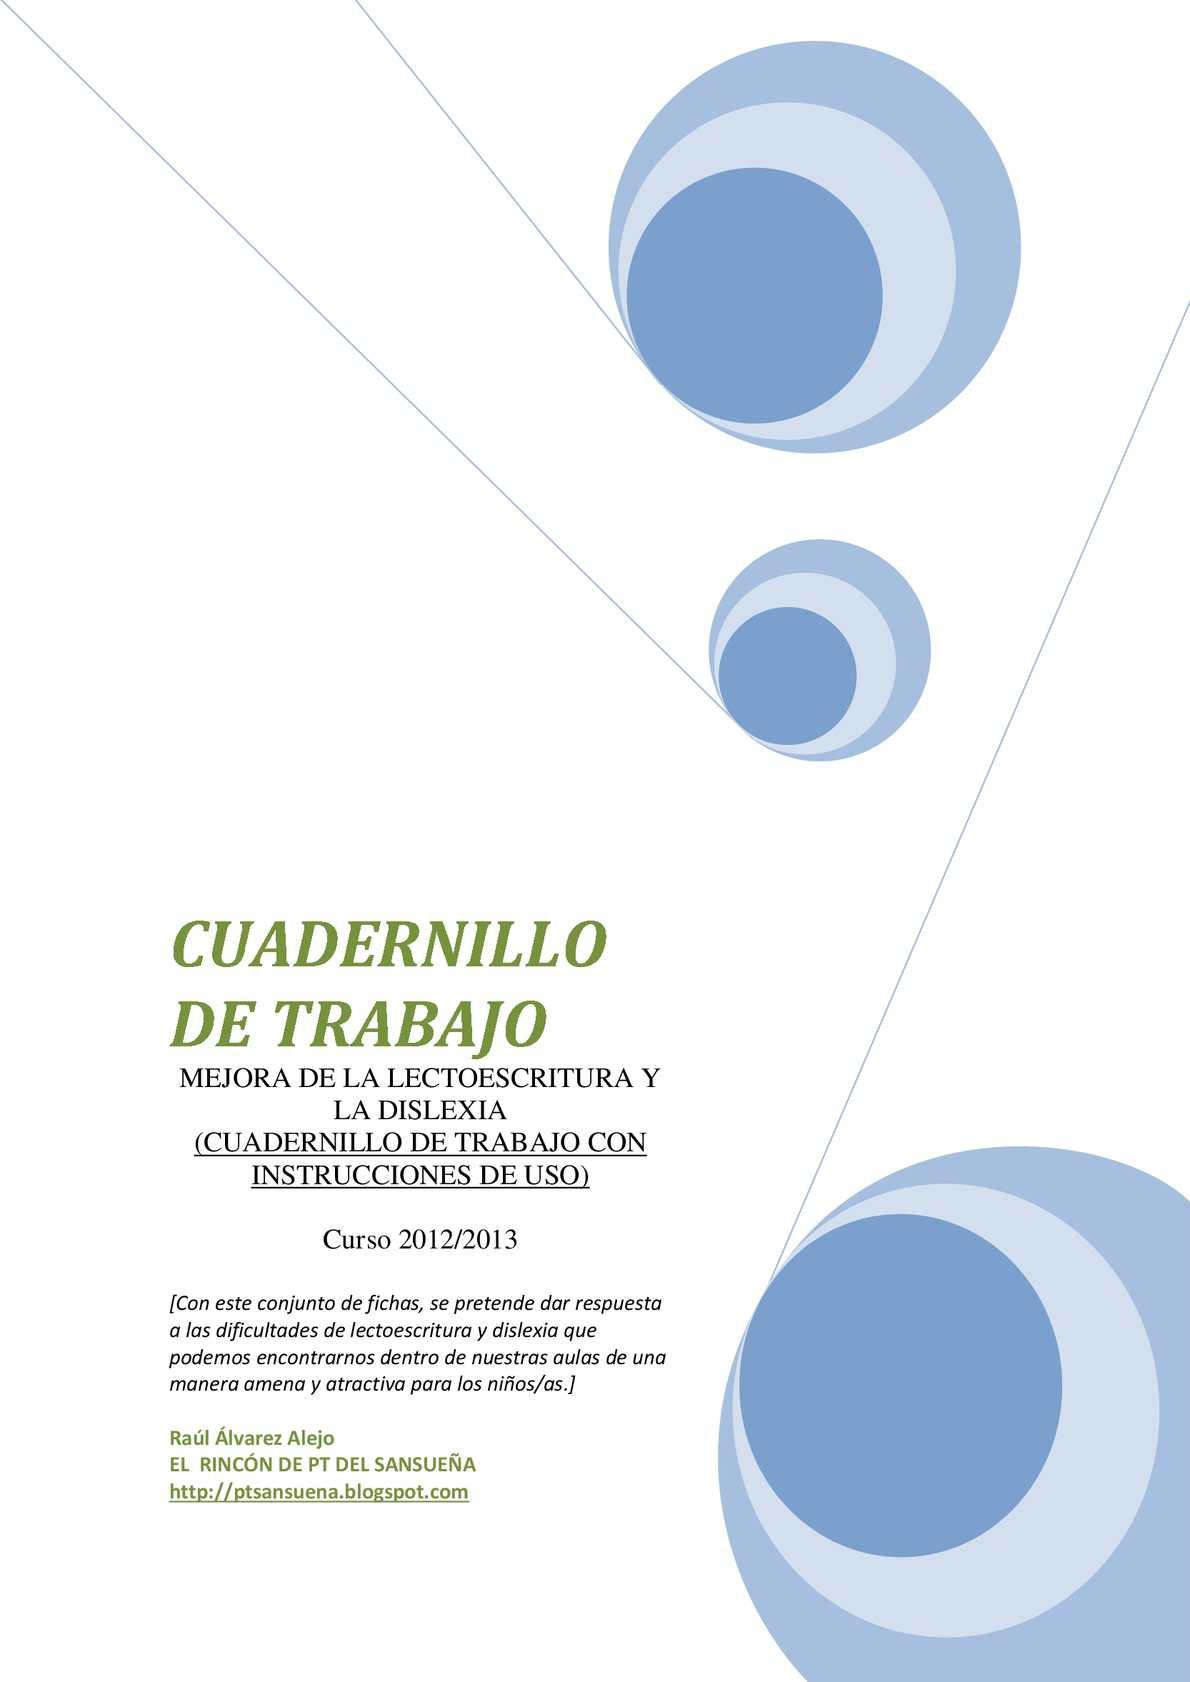 Calaméo - Cuadernillo De Trabajo Mejorar La Lectoescritura Dislexia 82a32a15660